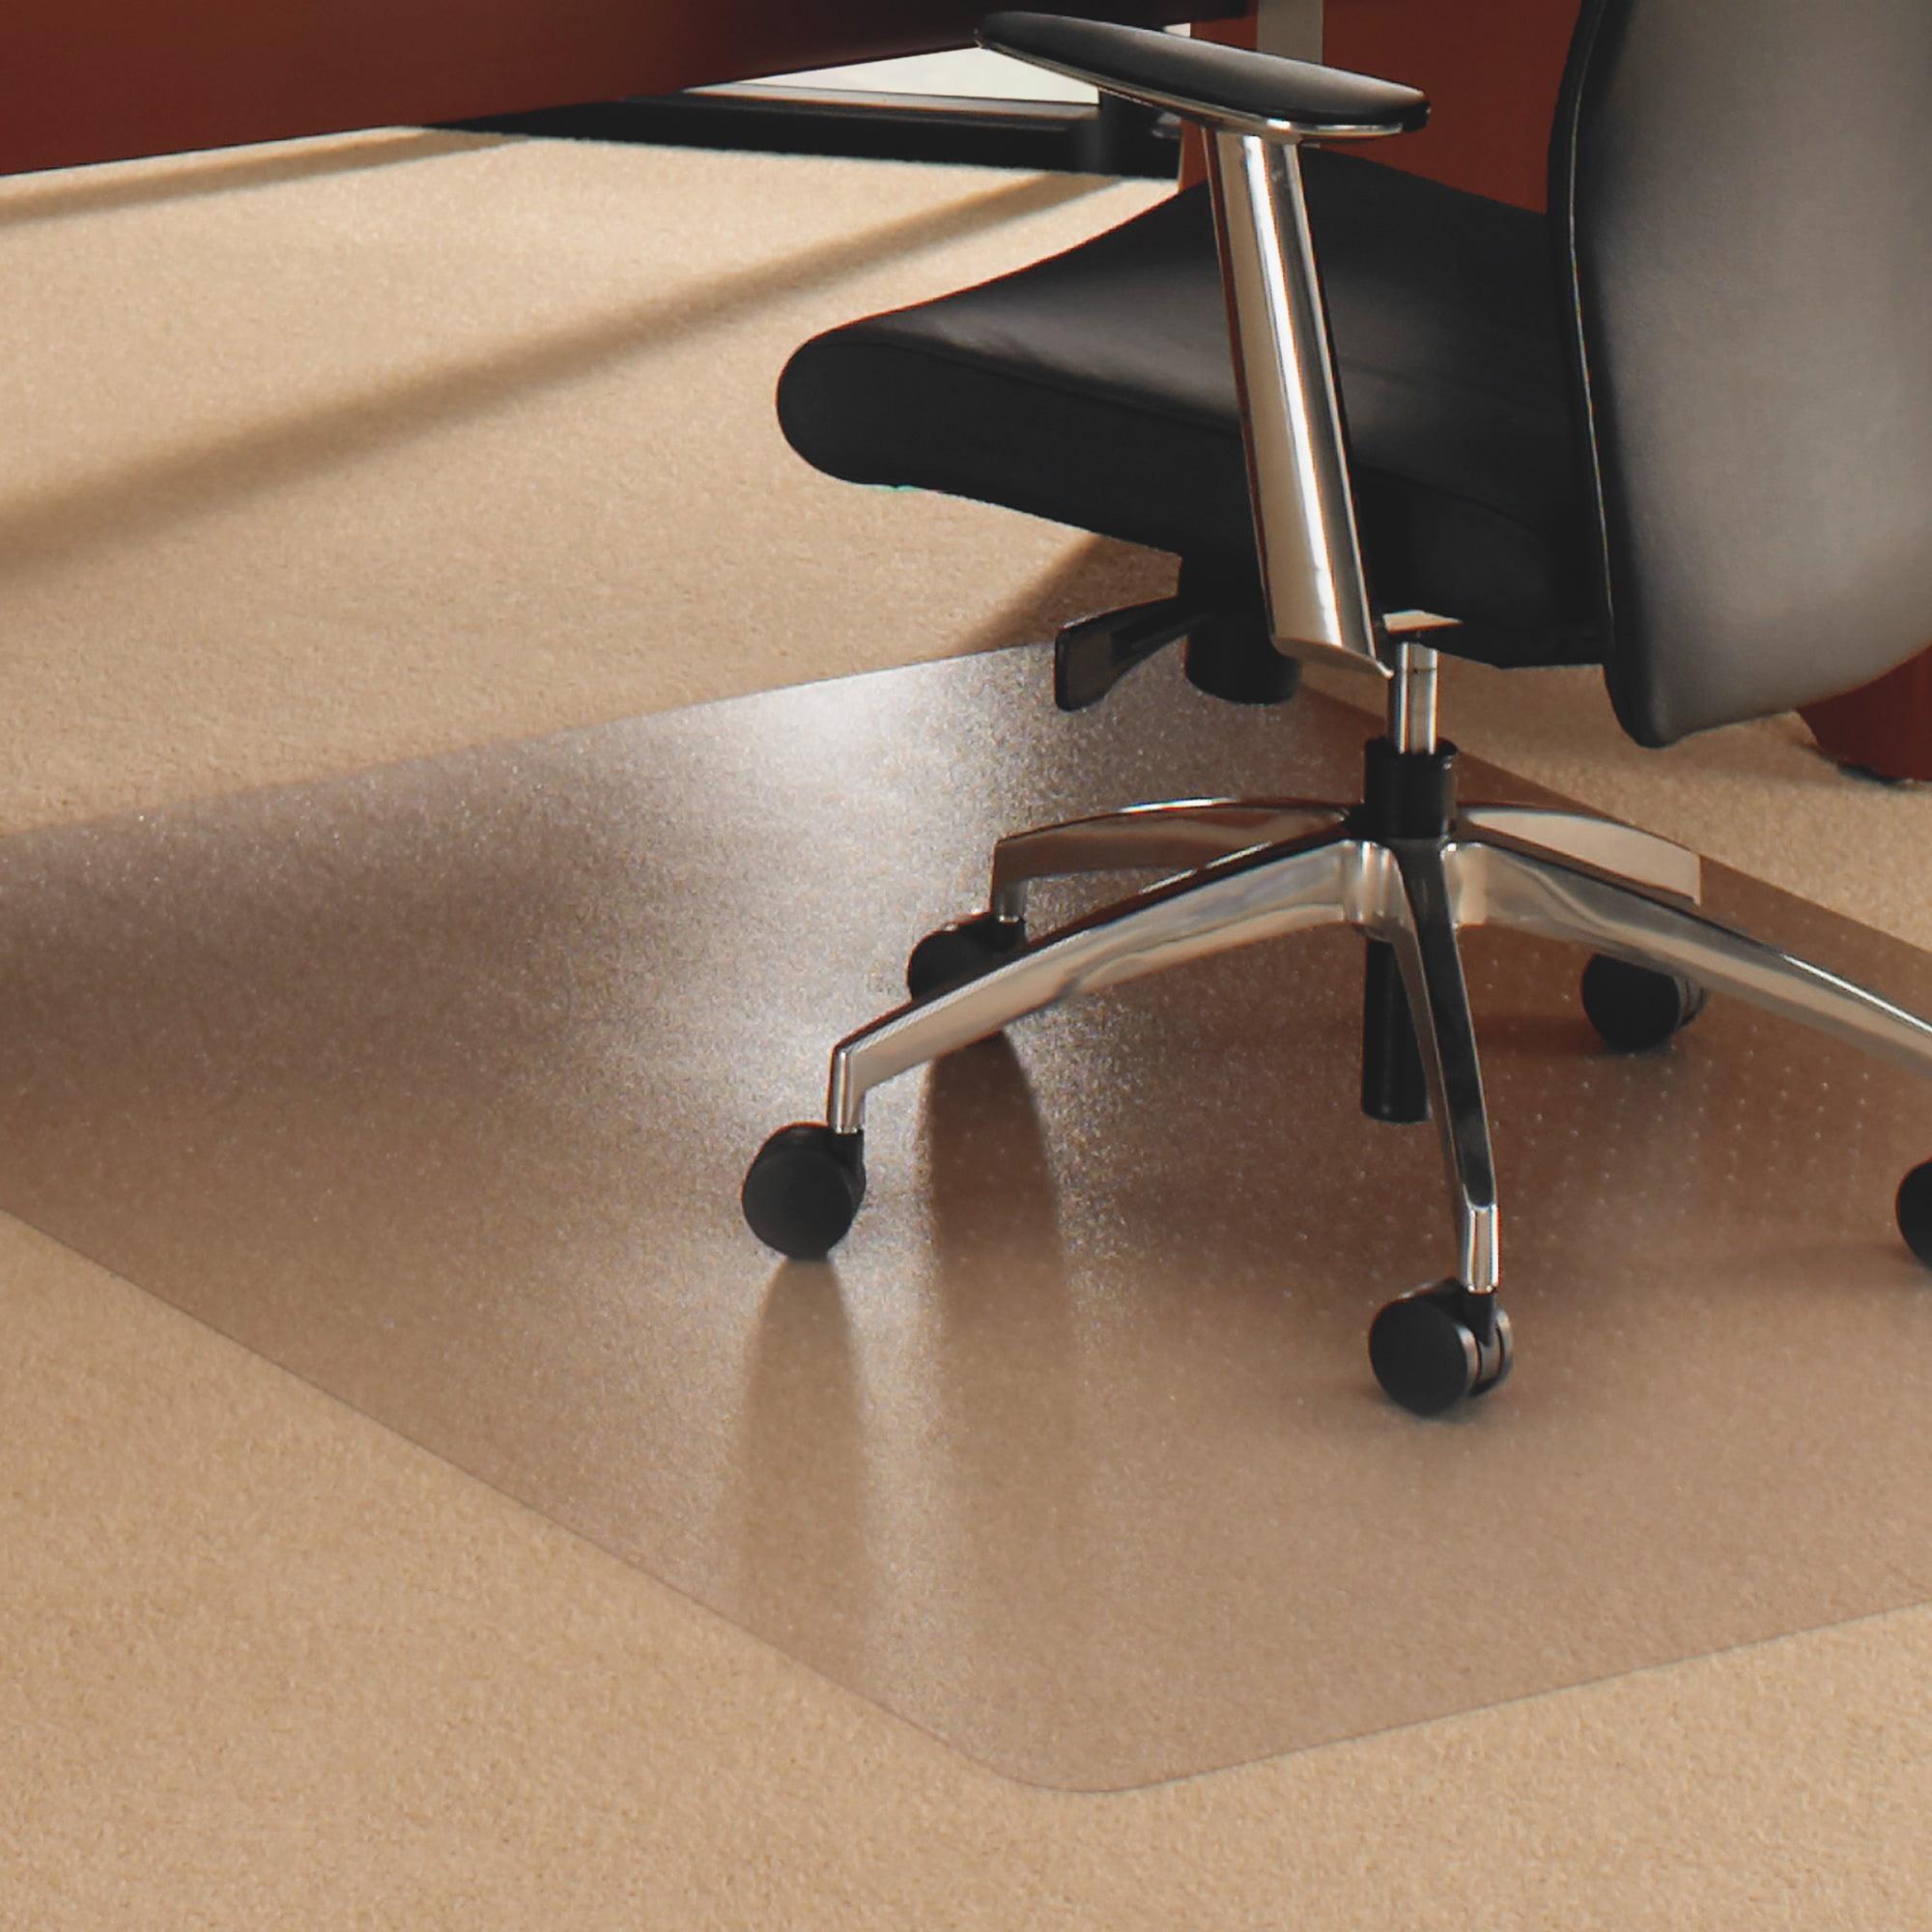 Cleartex, FLR1115020023ER, XXL Rectangular Floor Protection Chairmat, 1 Each, Clear